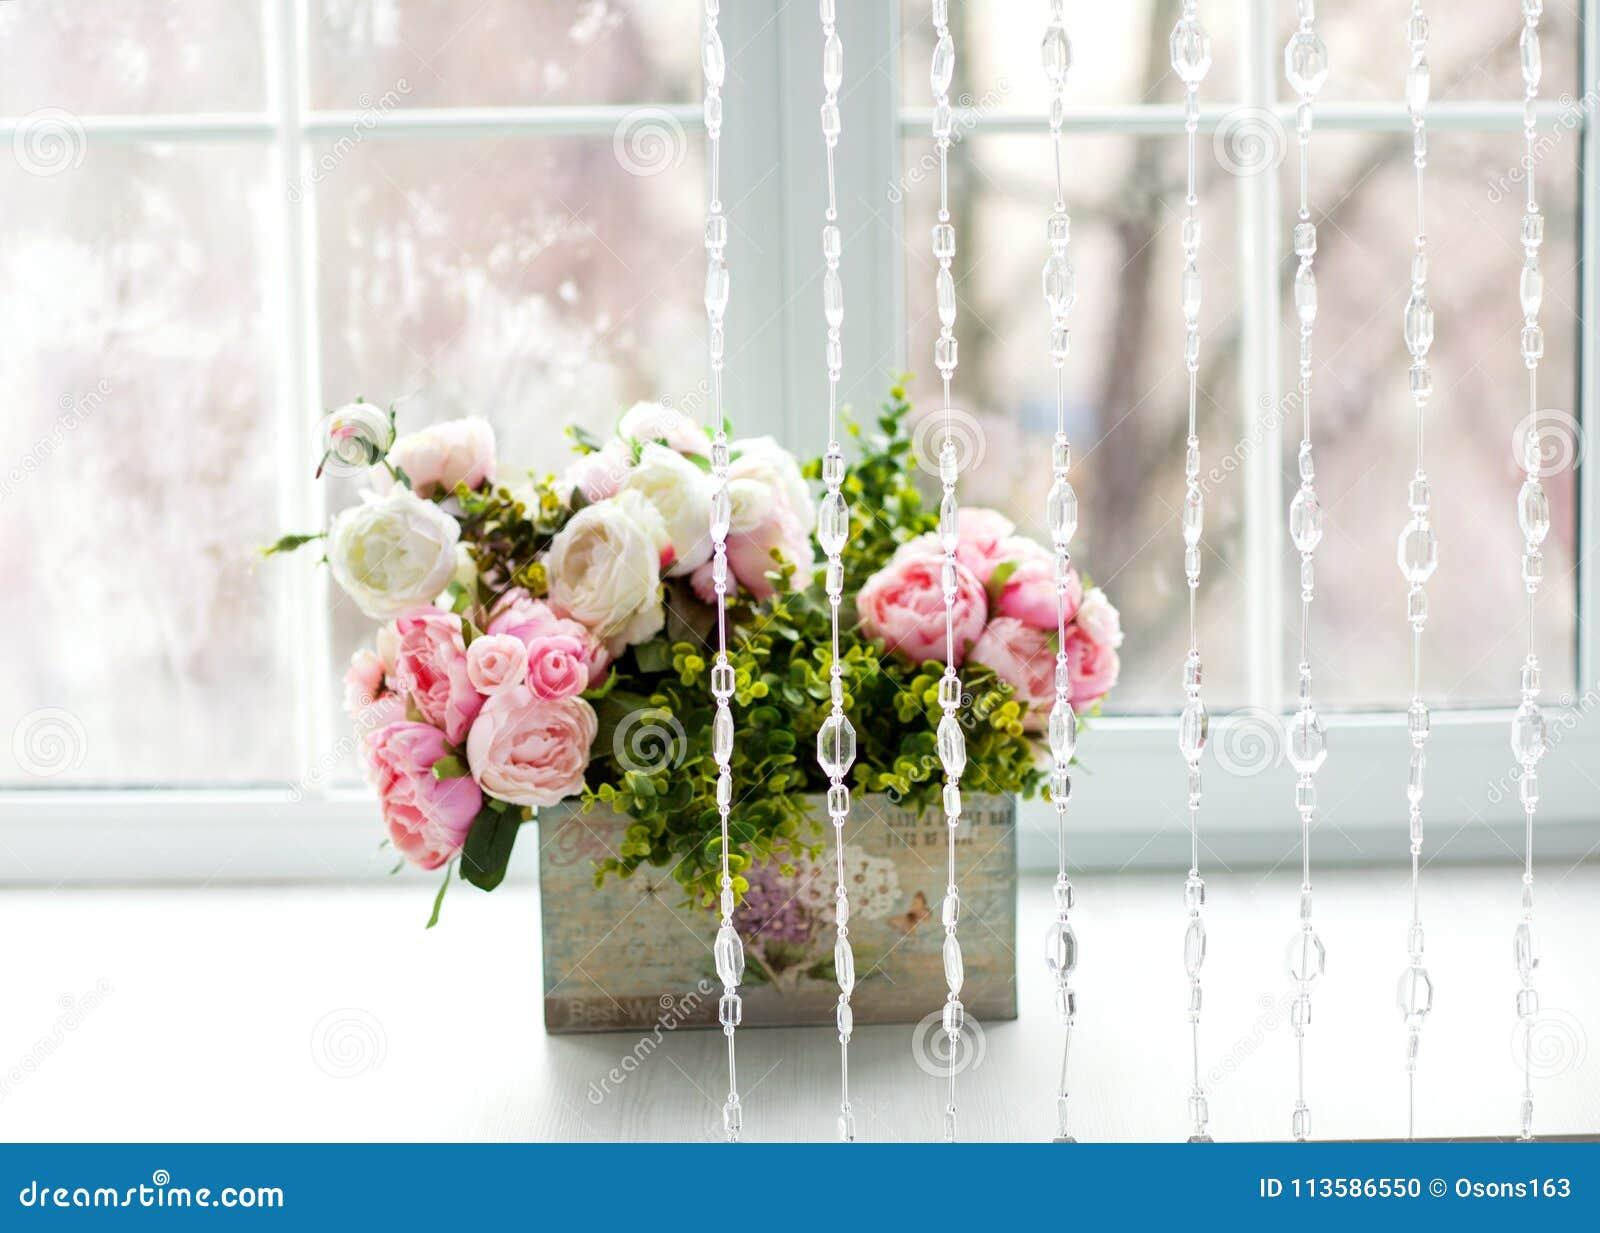 Venster met gordijnen en bloemen